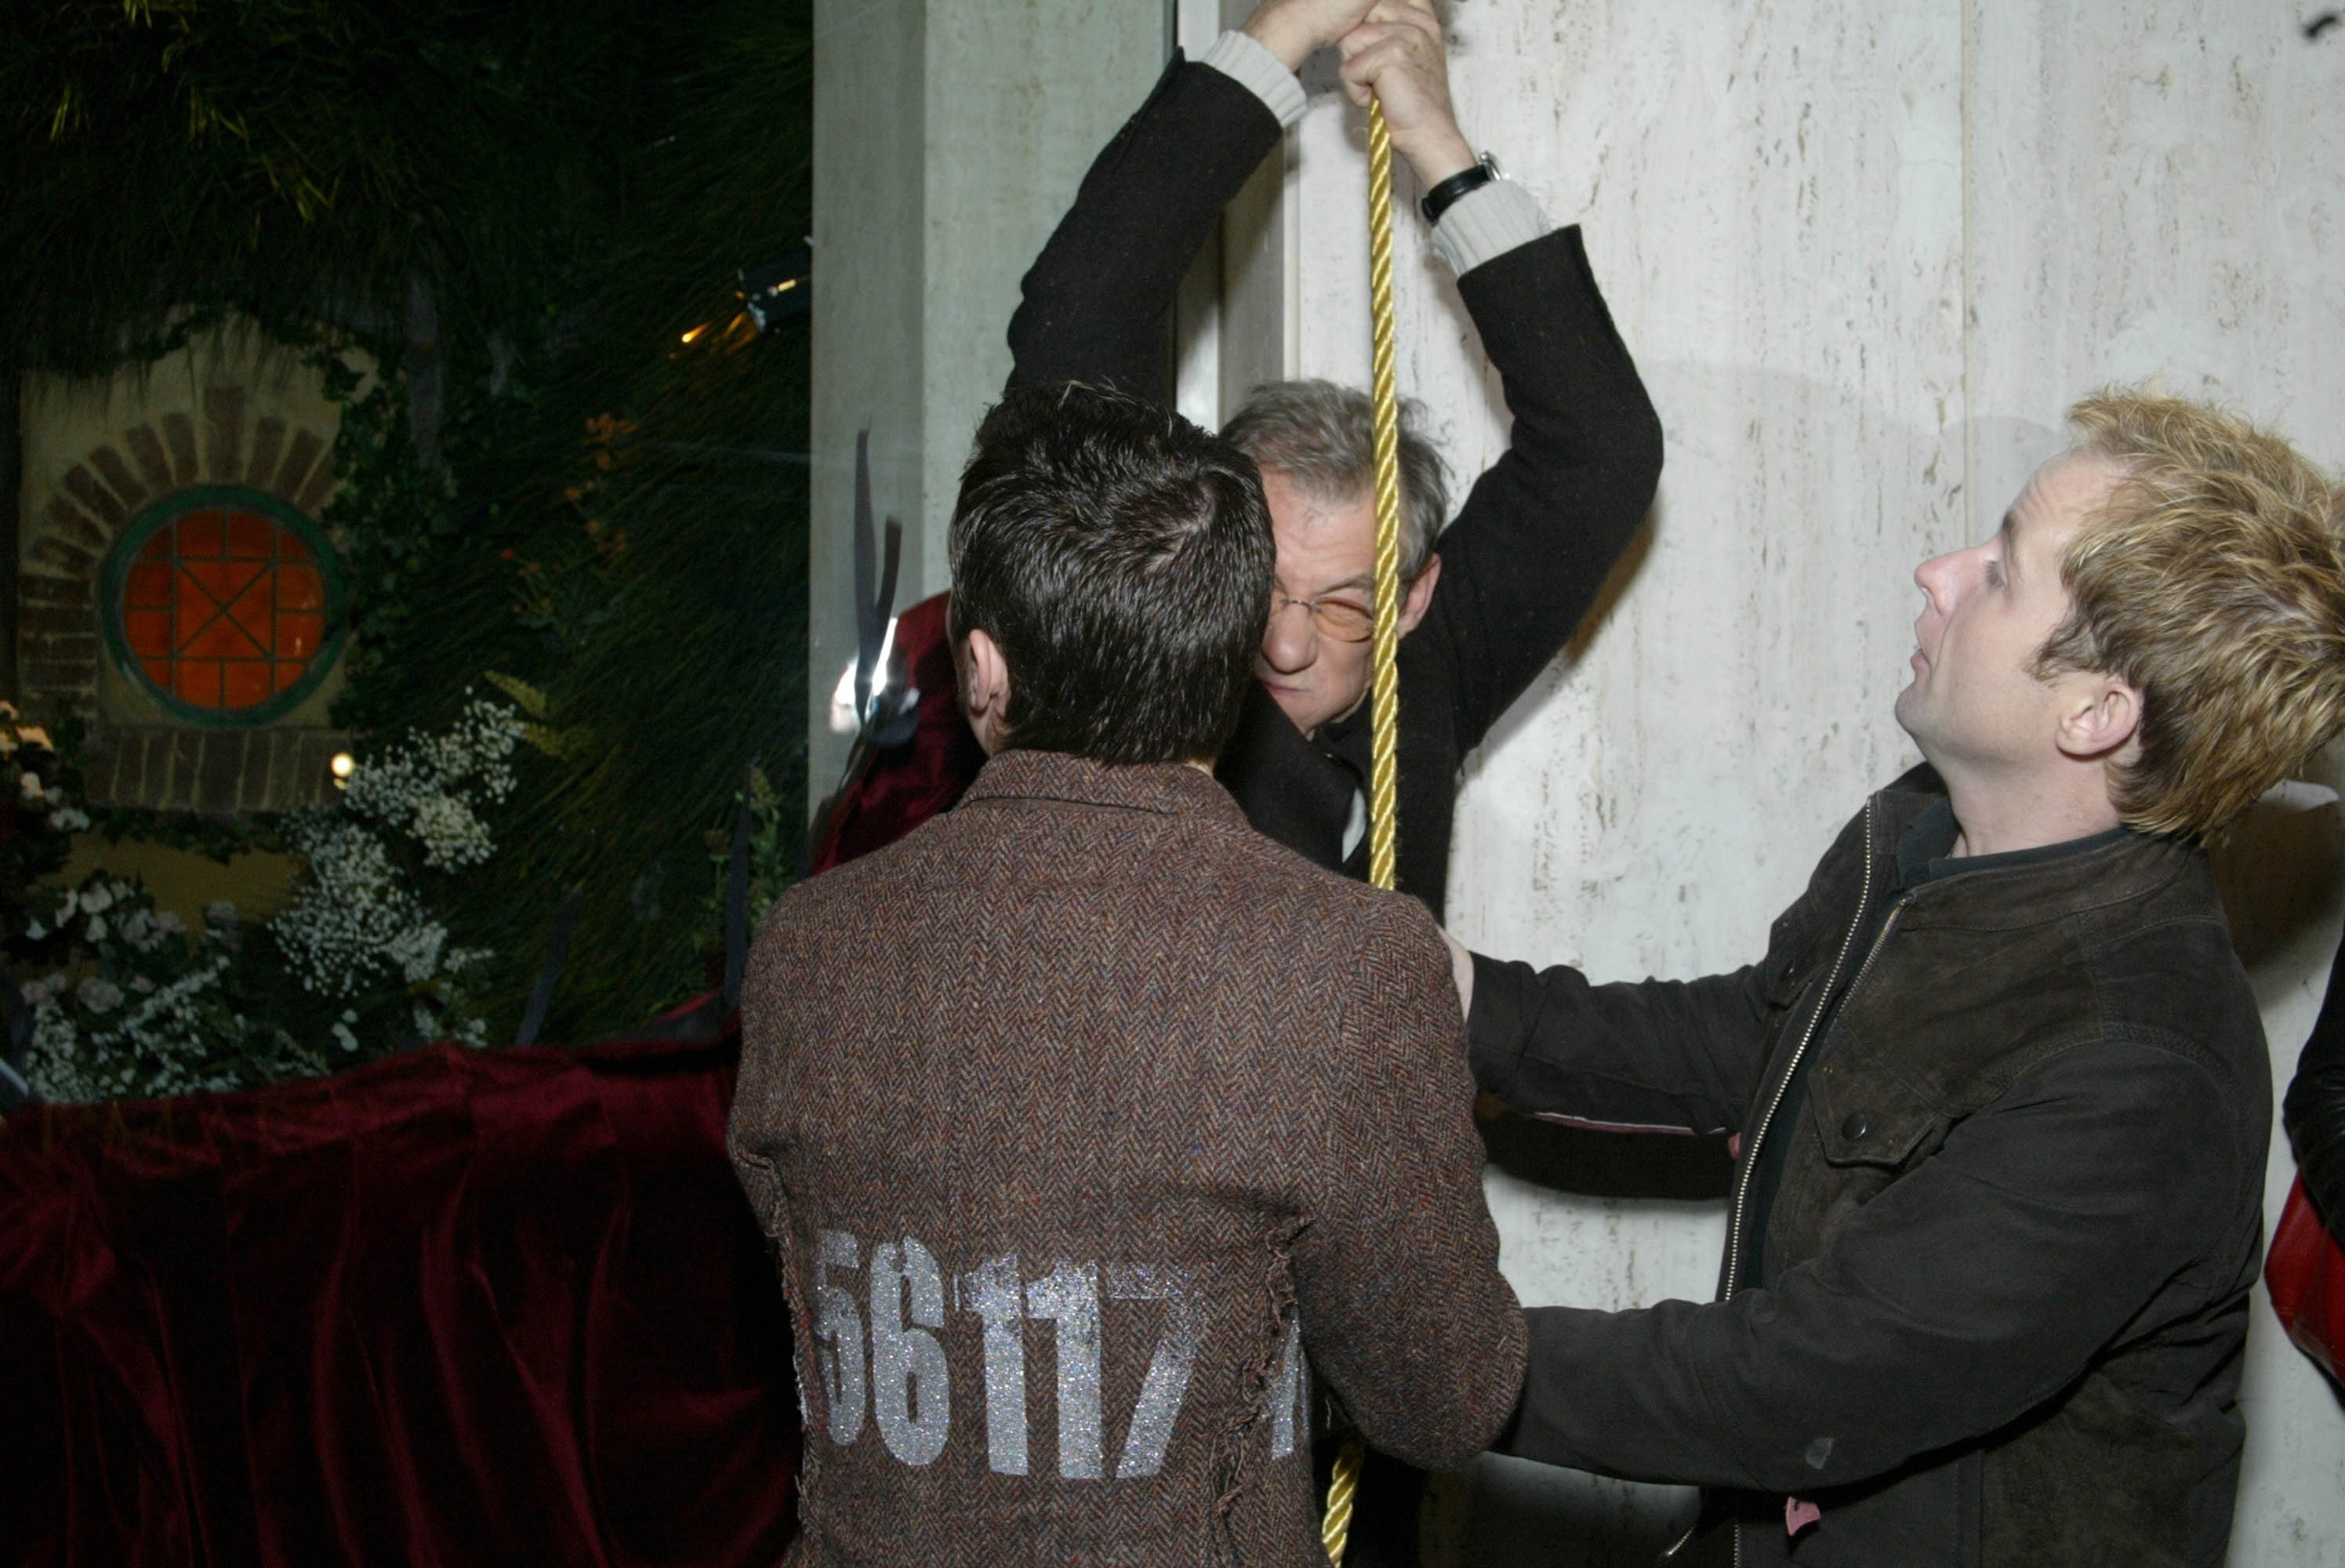 Feb 2004, Nieman Marcus event